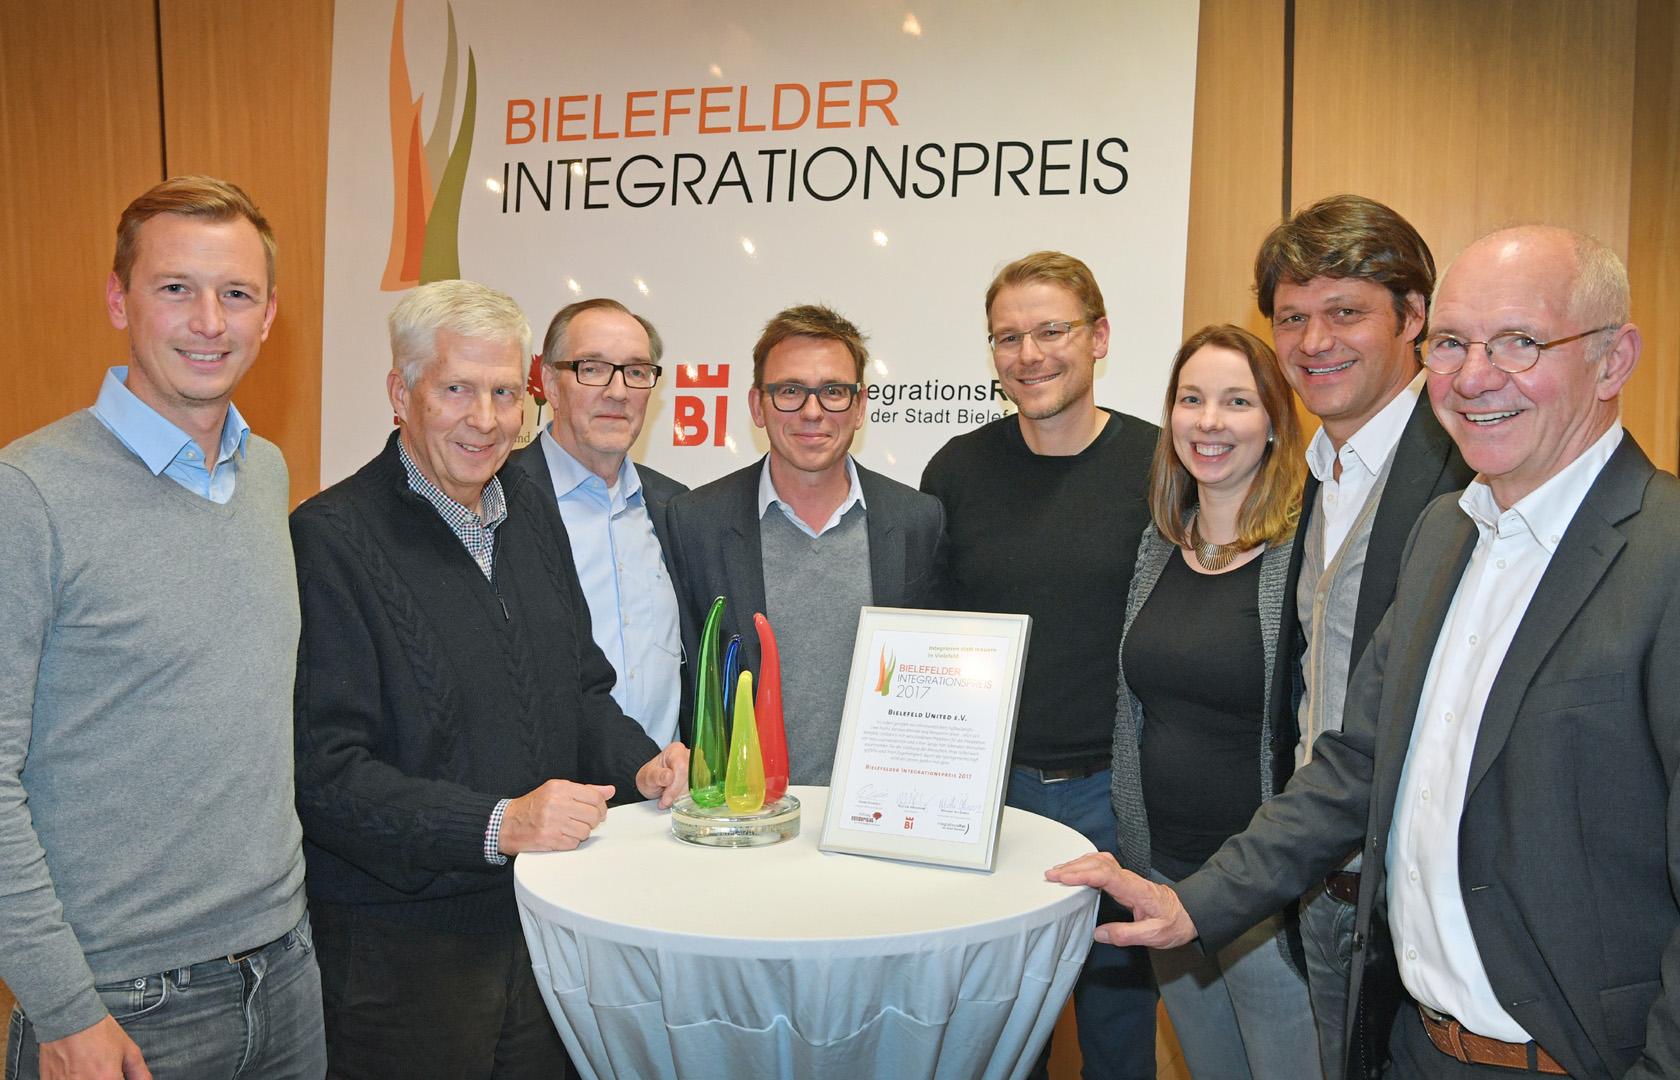 Integrationspreis für das Bündnis Bielefeld